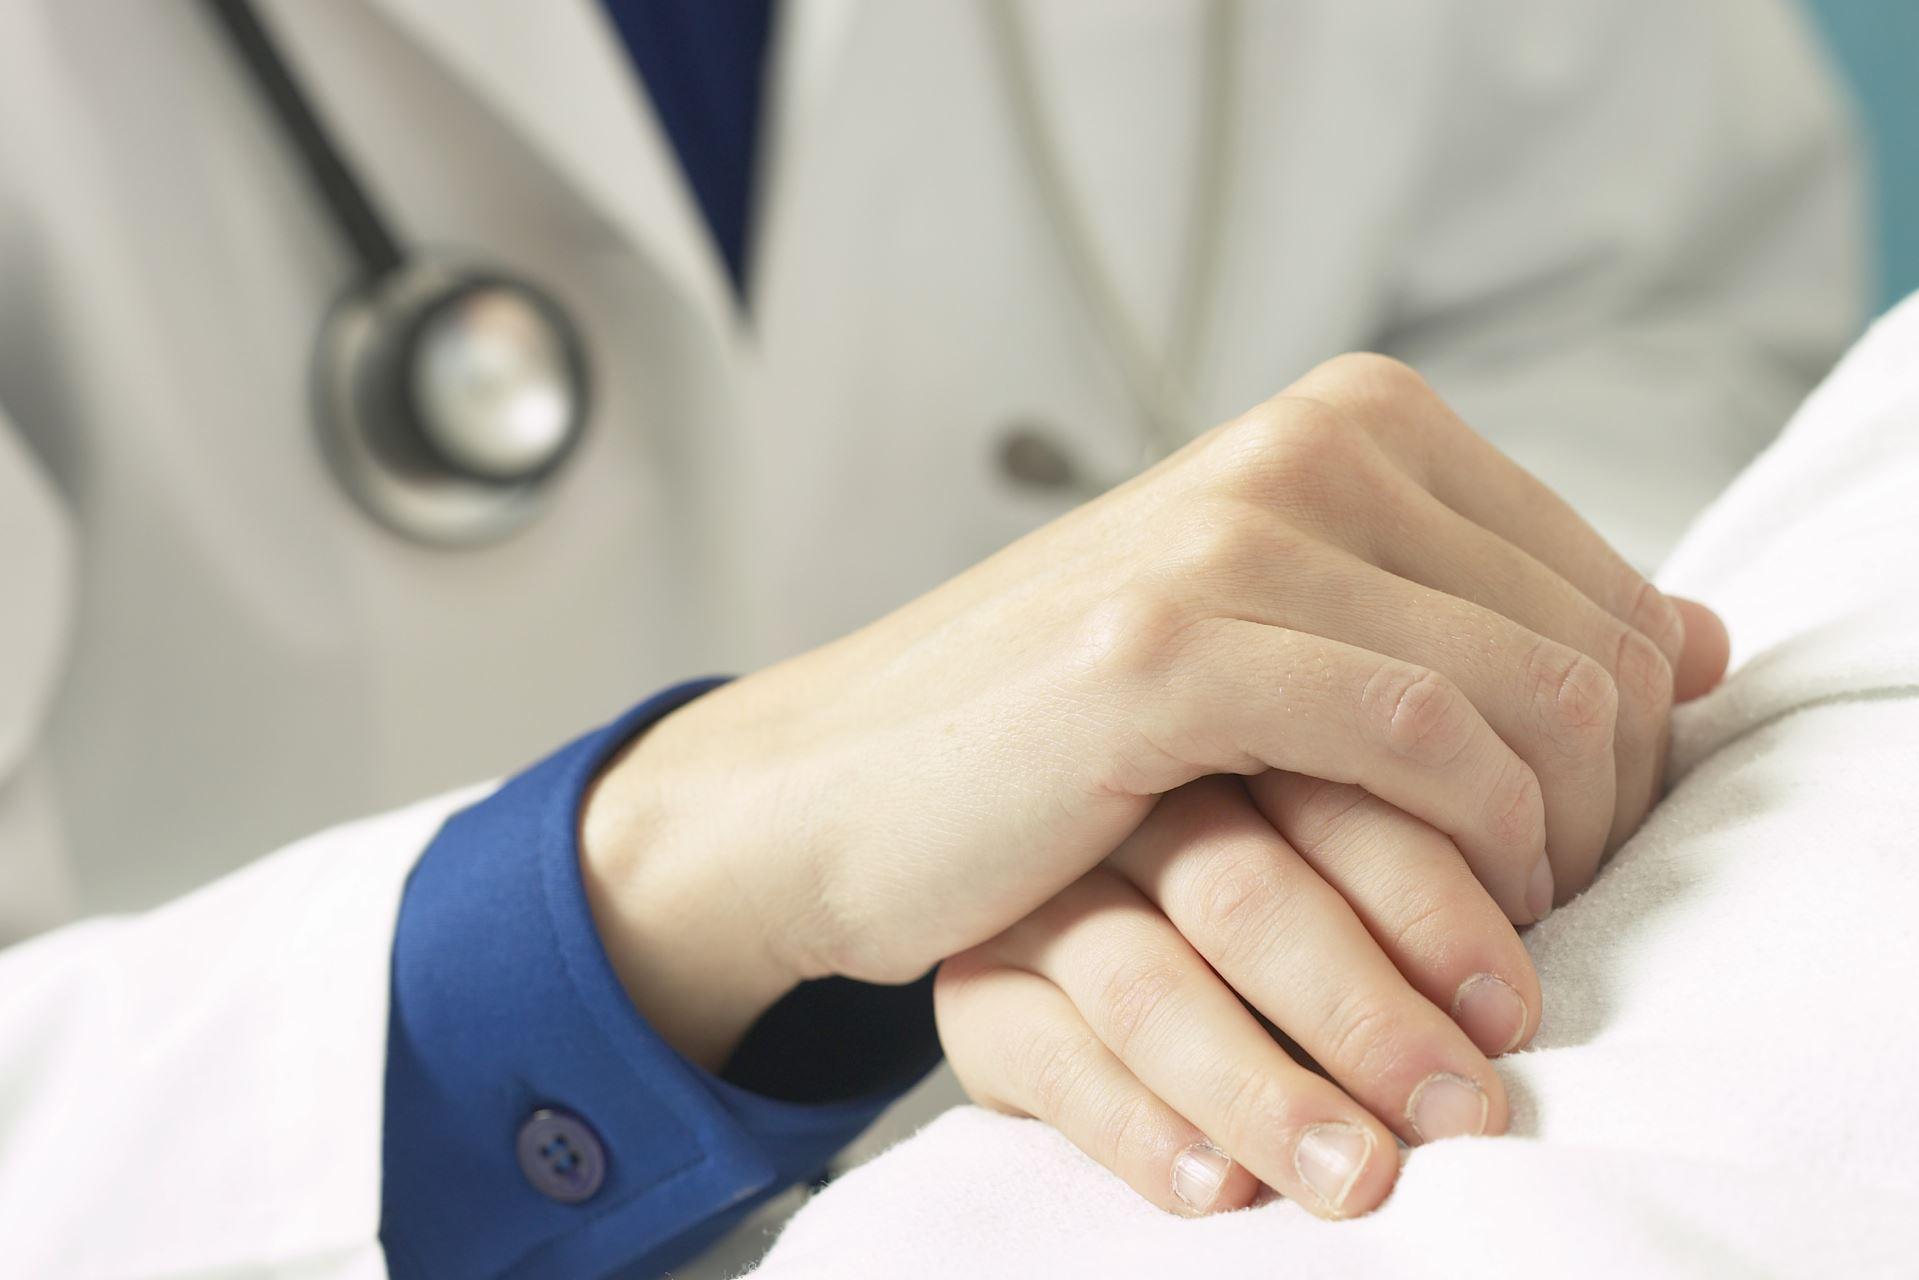 خصوصیات جراح موفق در ماموپلاستی